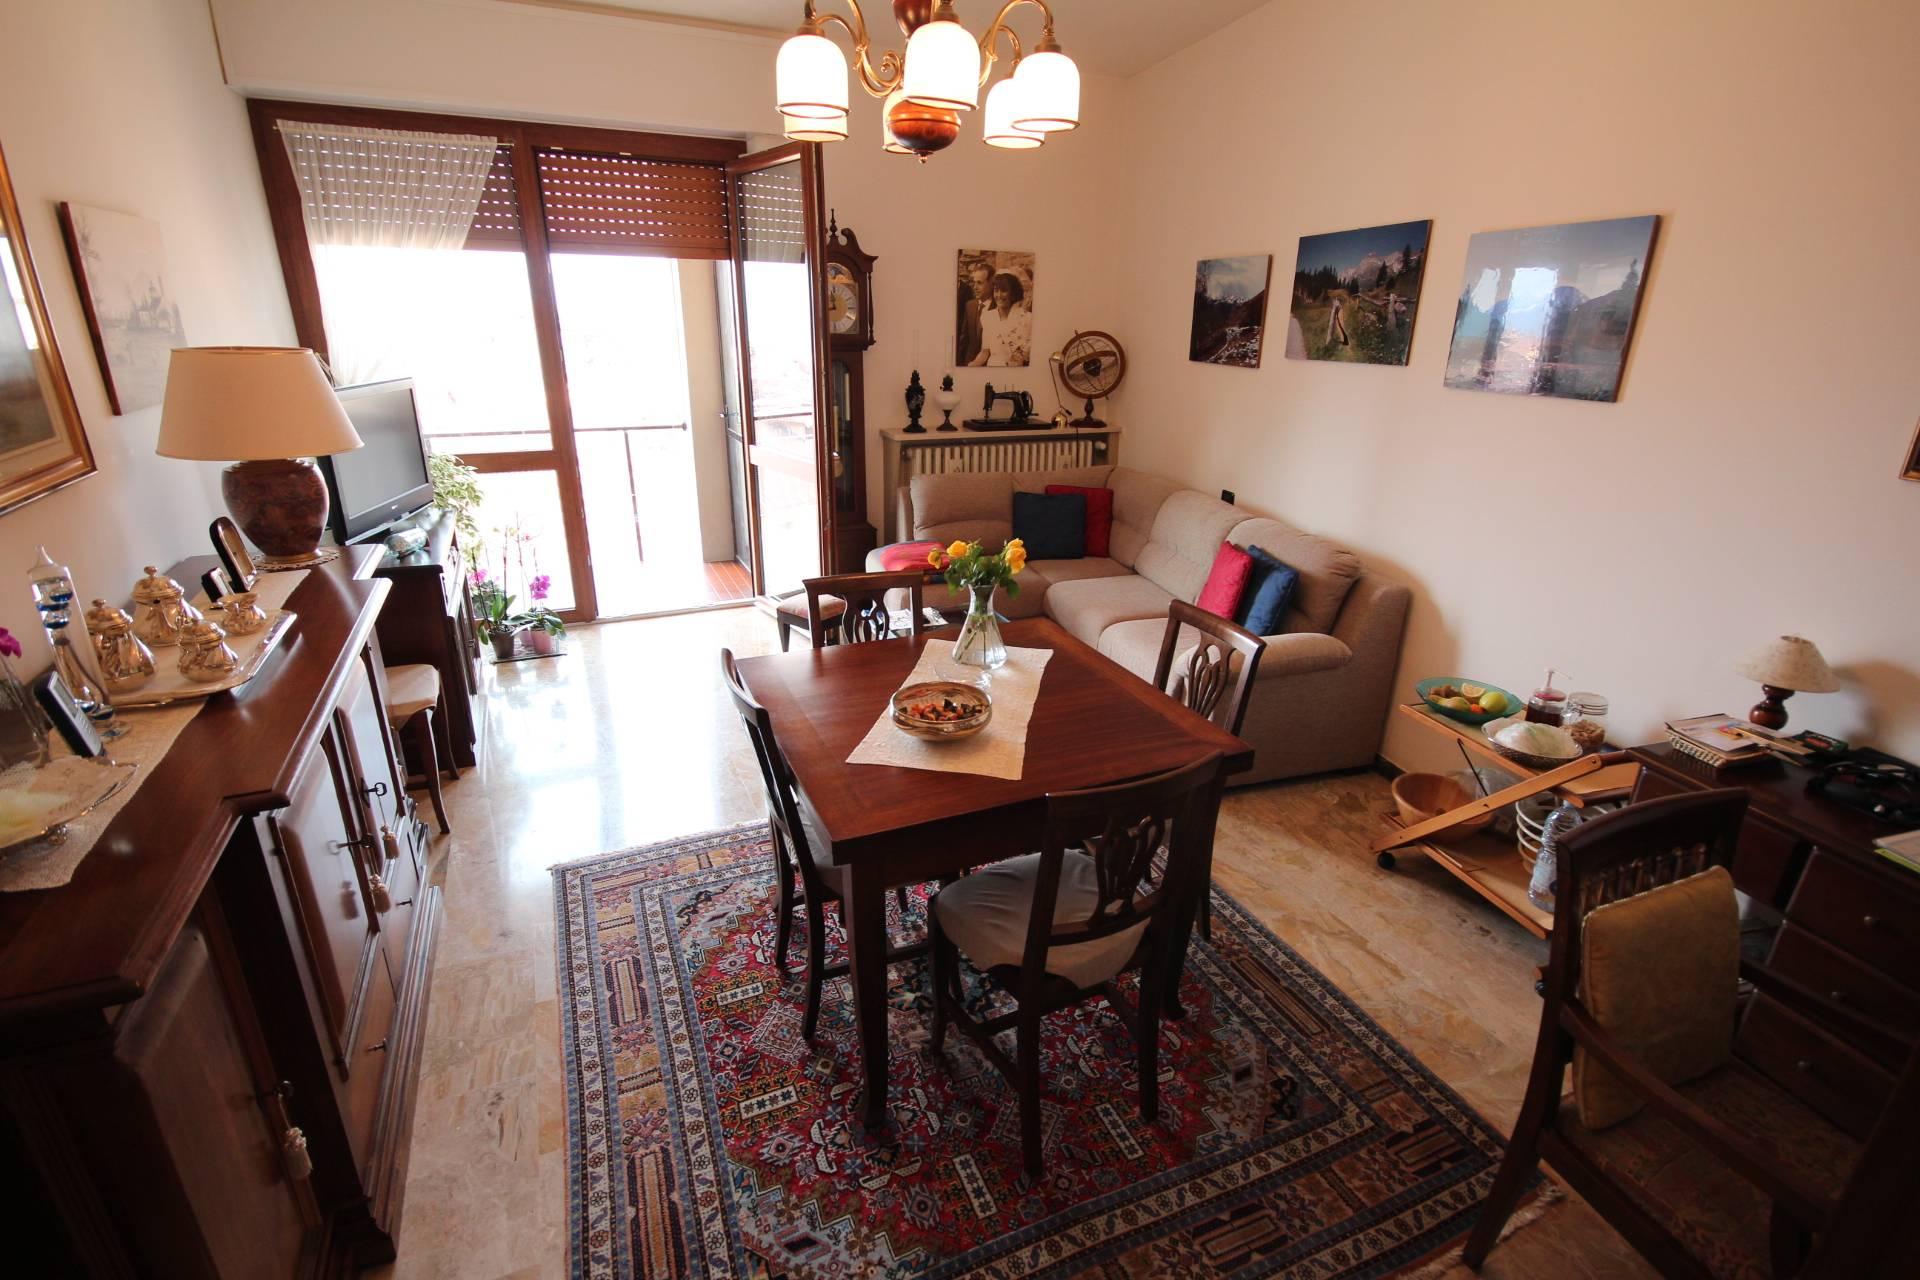 Appartamento in vendita a Verbania, 2 locali, zona Zona: Pallanza, prezzo € 200.000 | Cambio Casa.it